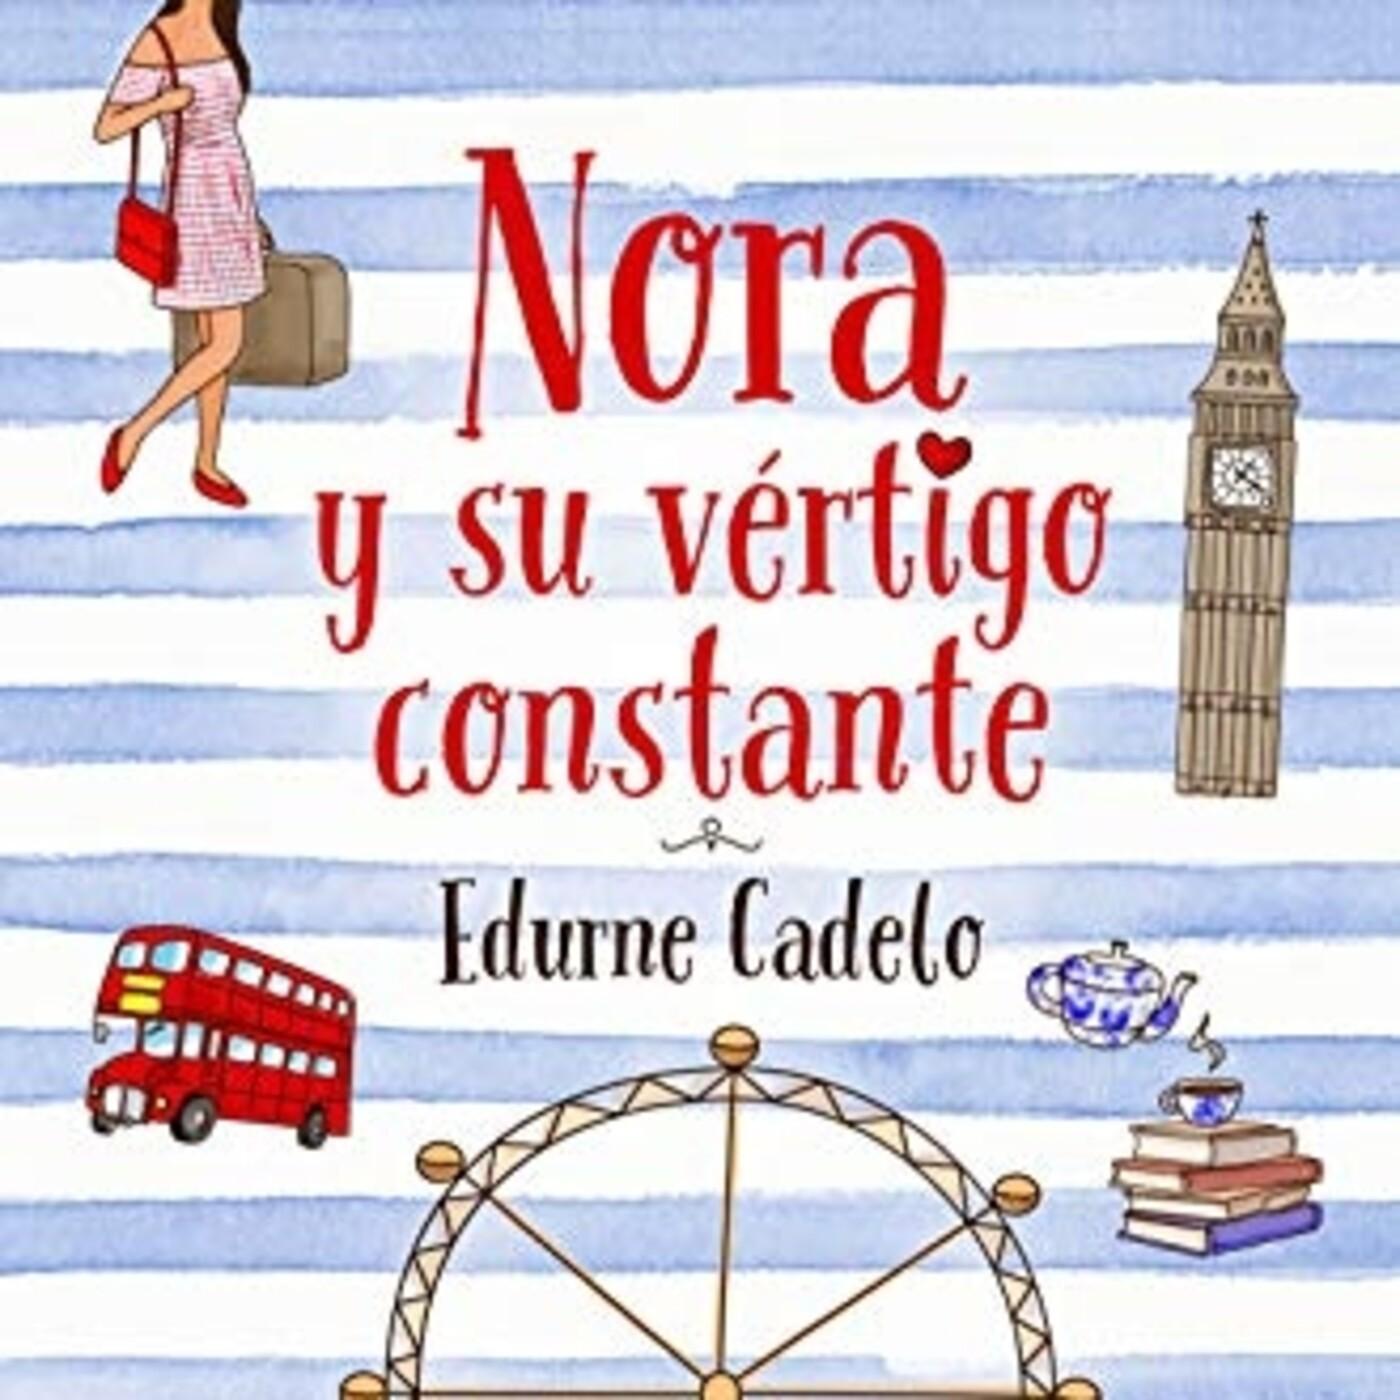 'Nora y su vértigo constante' de Edurne Cadelo